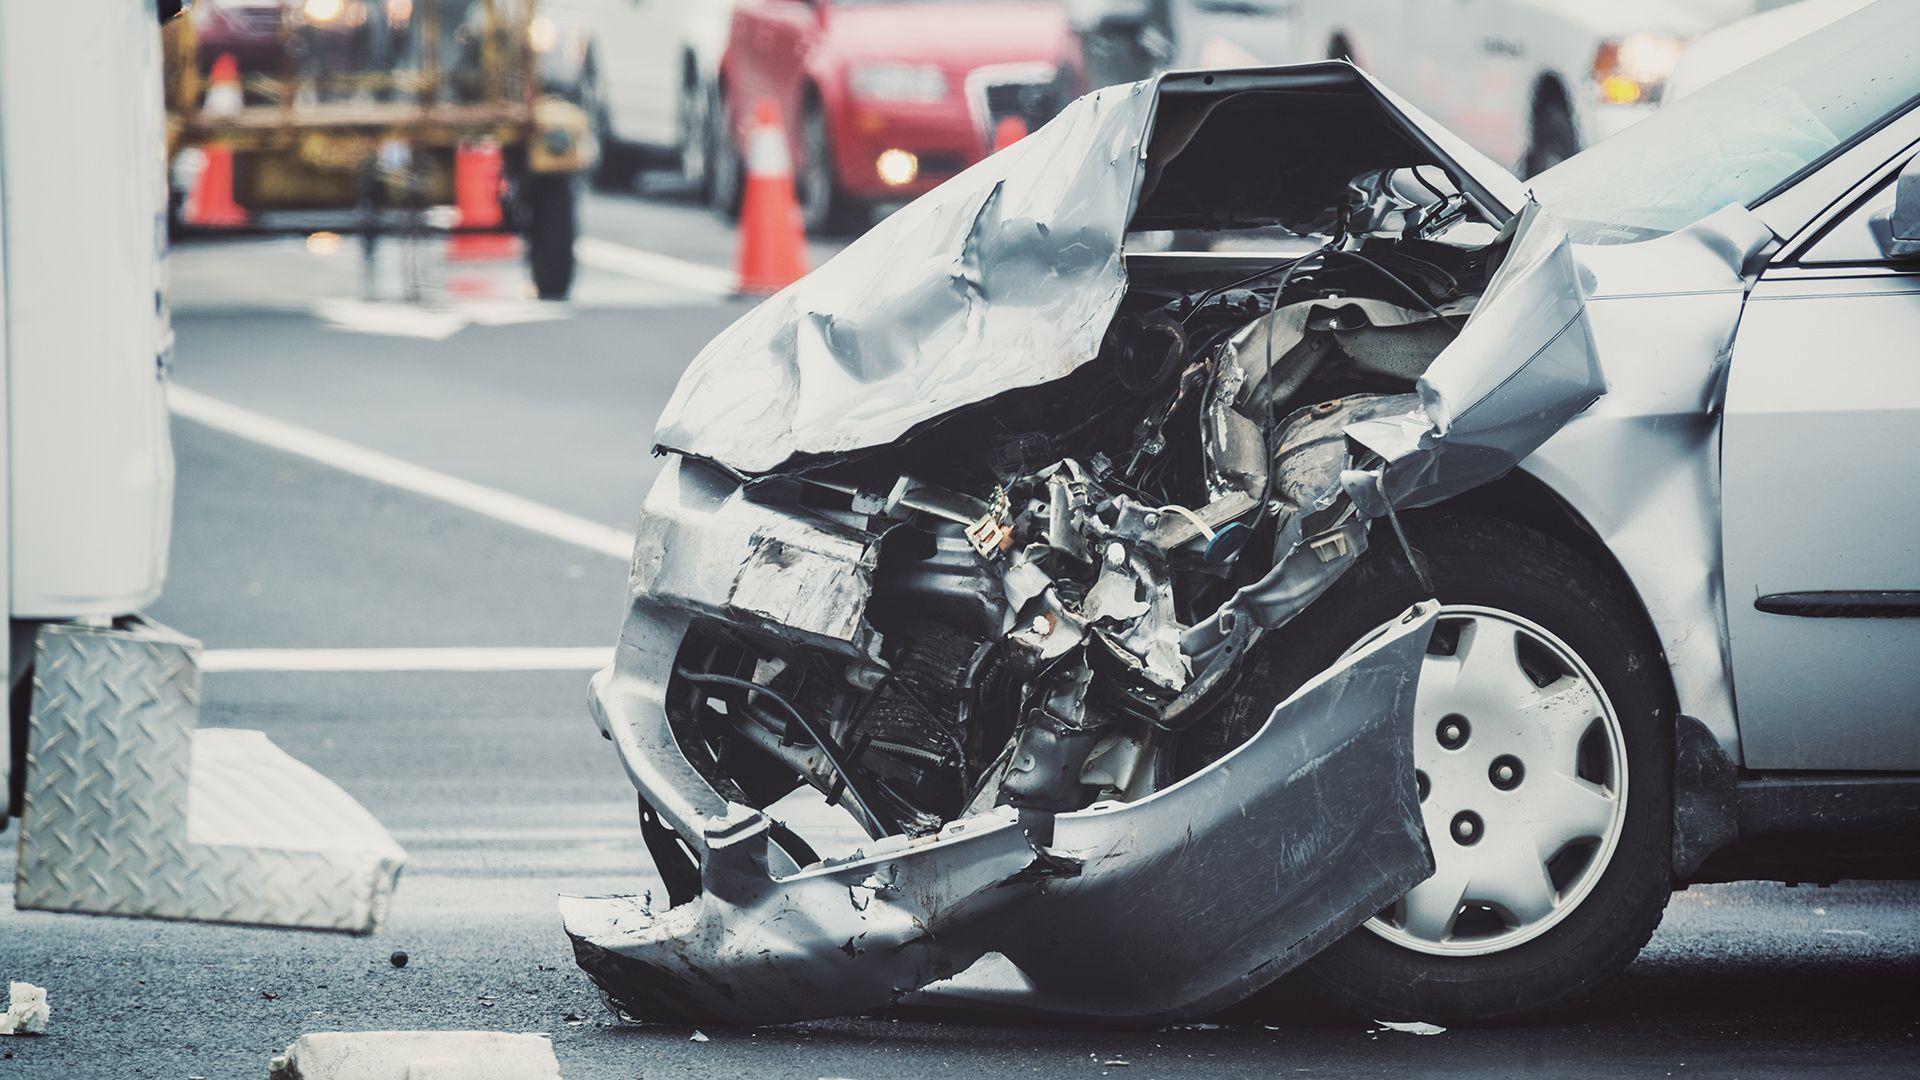 Indemnizaciones de accidentes de tráfico en Gijón